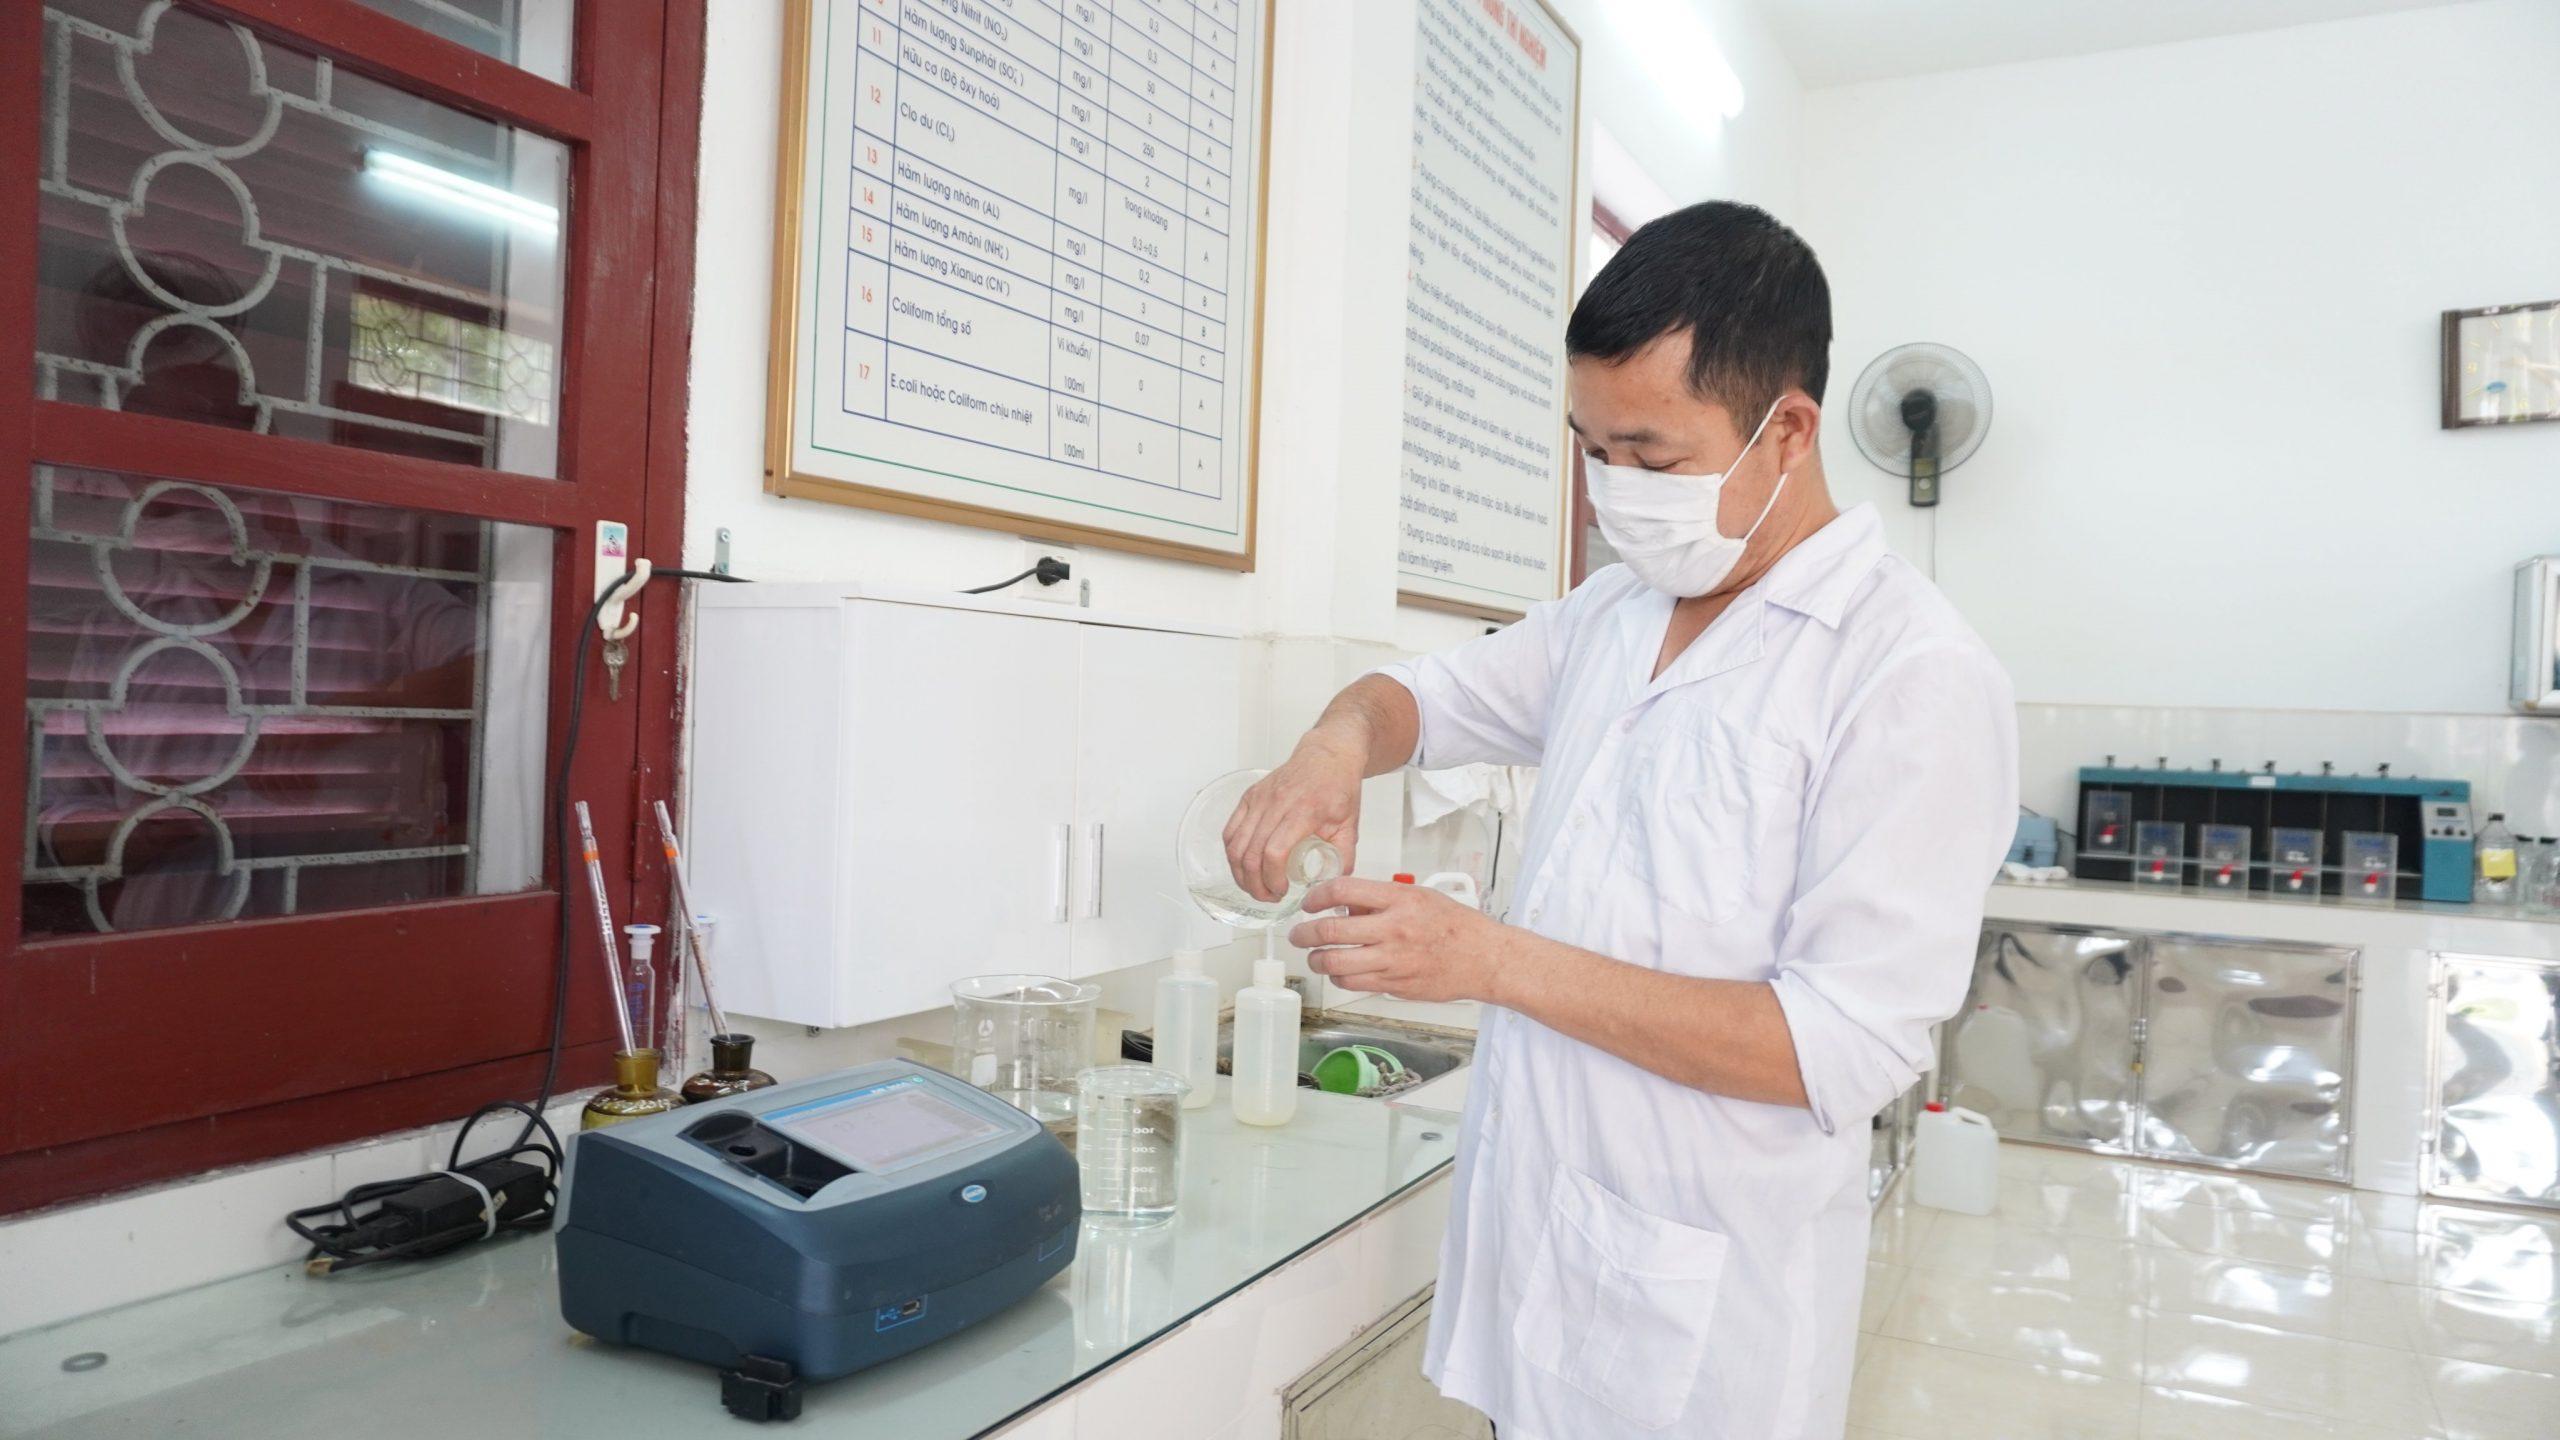 Công ty Cổ phần Nước sạch Bắc Giang triển khai các biện pháp phòng, chống Covid-19, chủ động xây dựng kế hoạch cấp nước an toàn trong mùa dịch